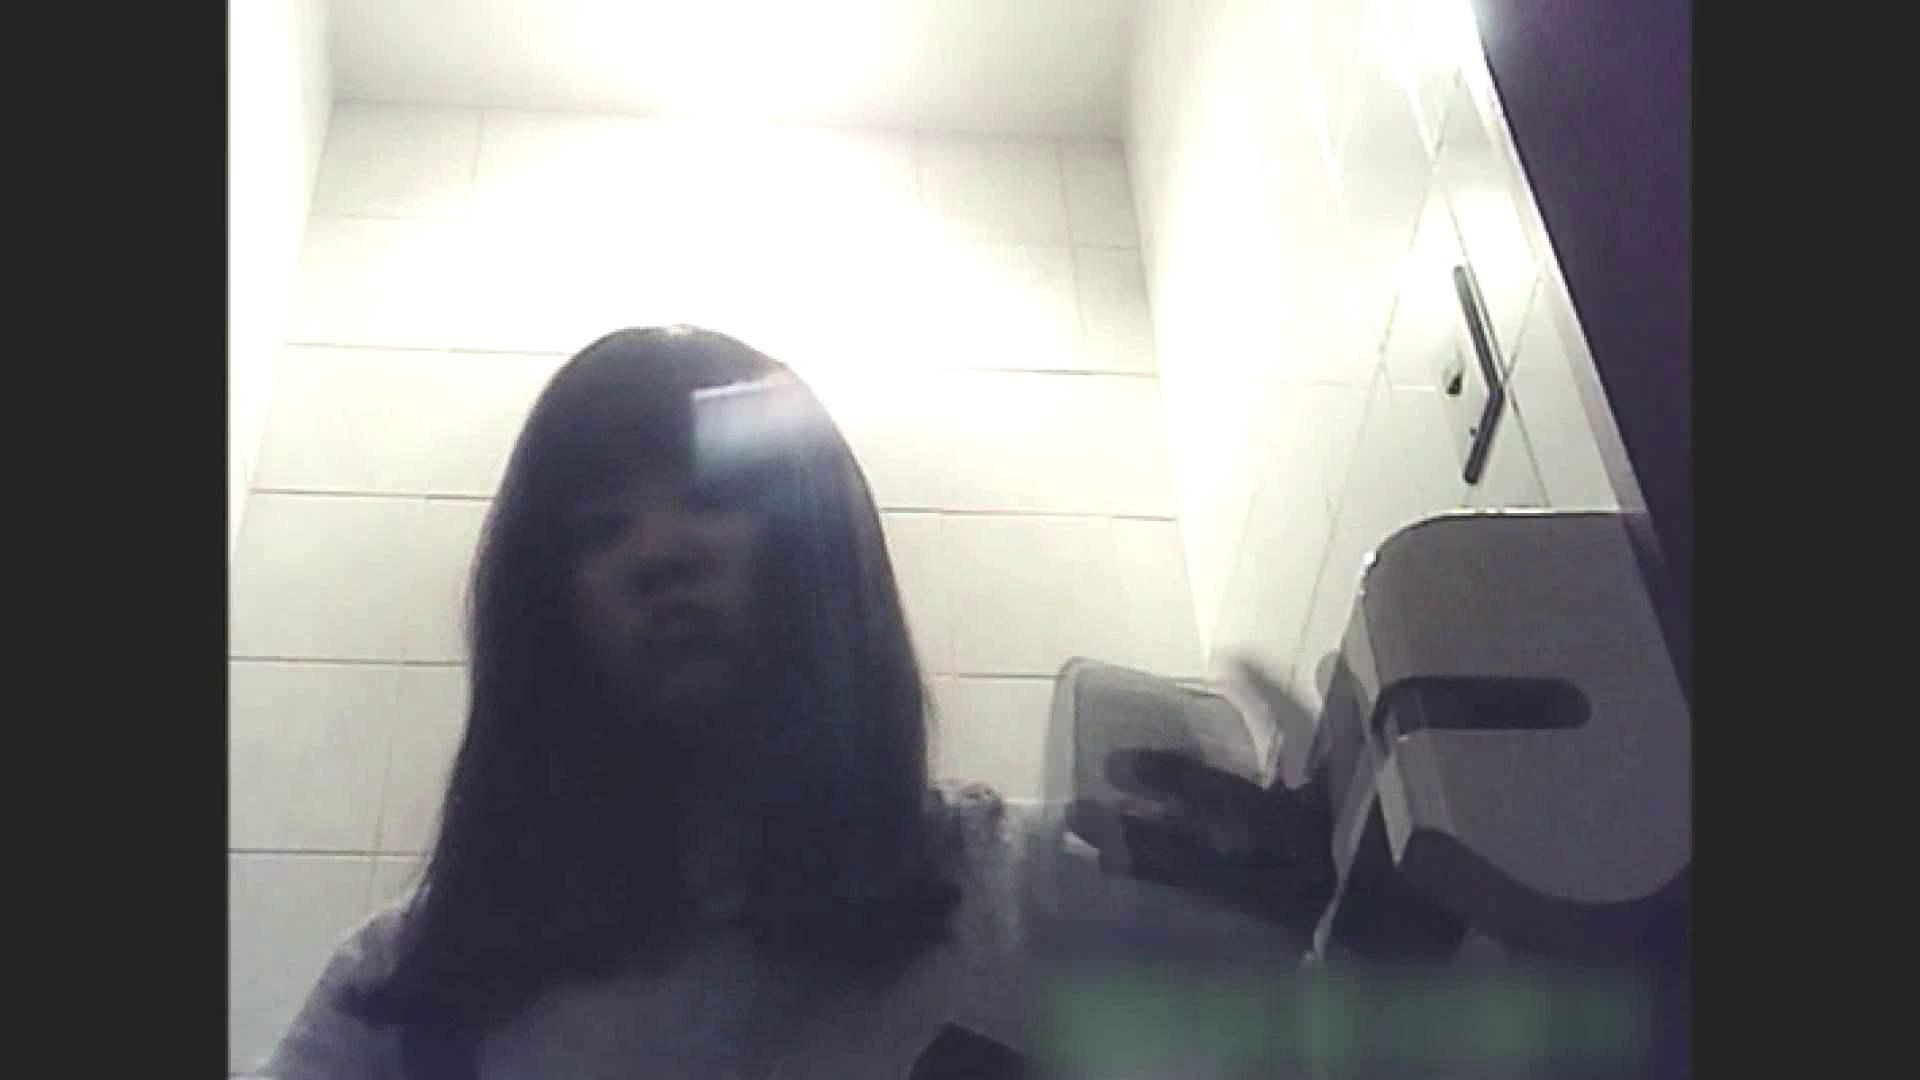 実録!!綺麗なお姉さんのトイレ事情・・・。vol.1 ナプキン 覗きワレメ動画紹介 72連発 59